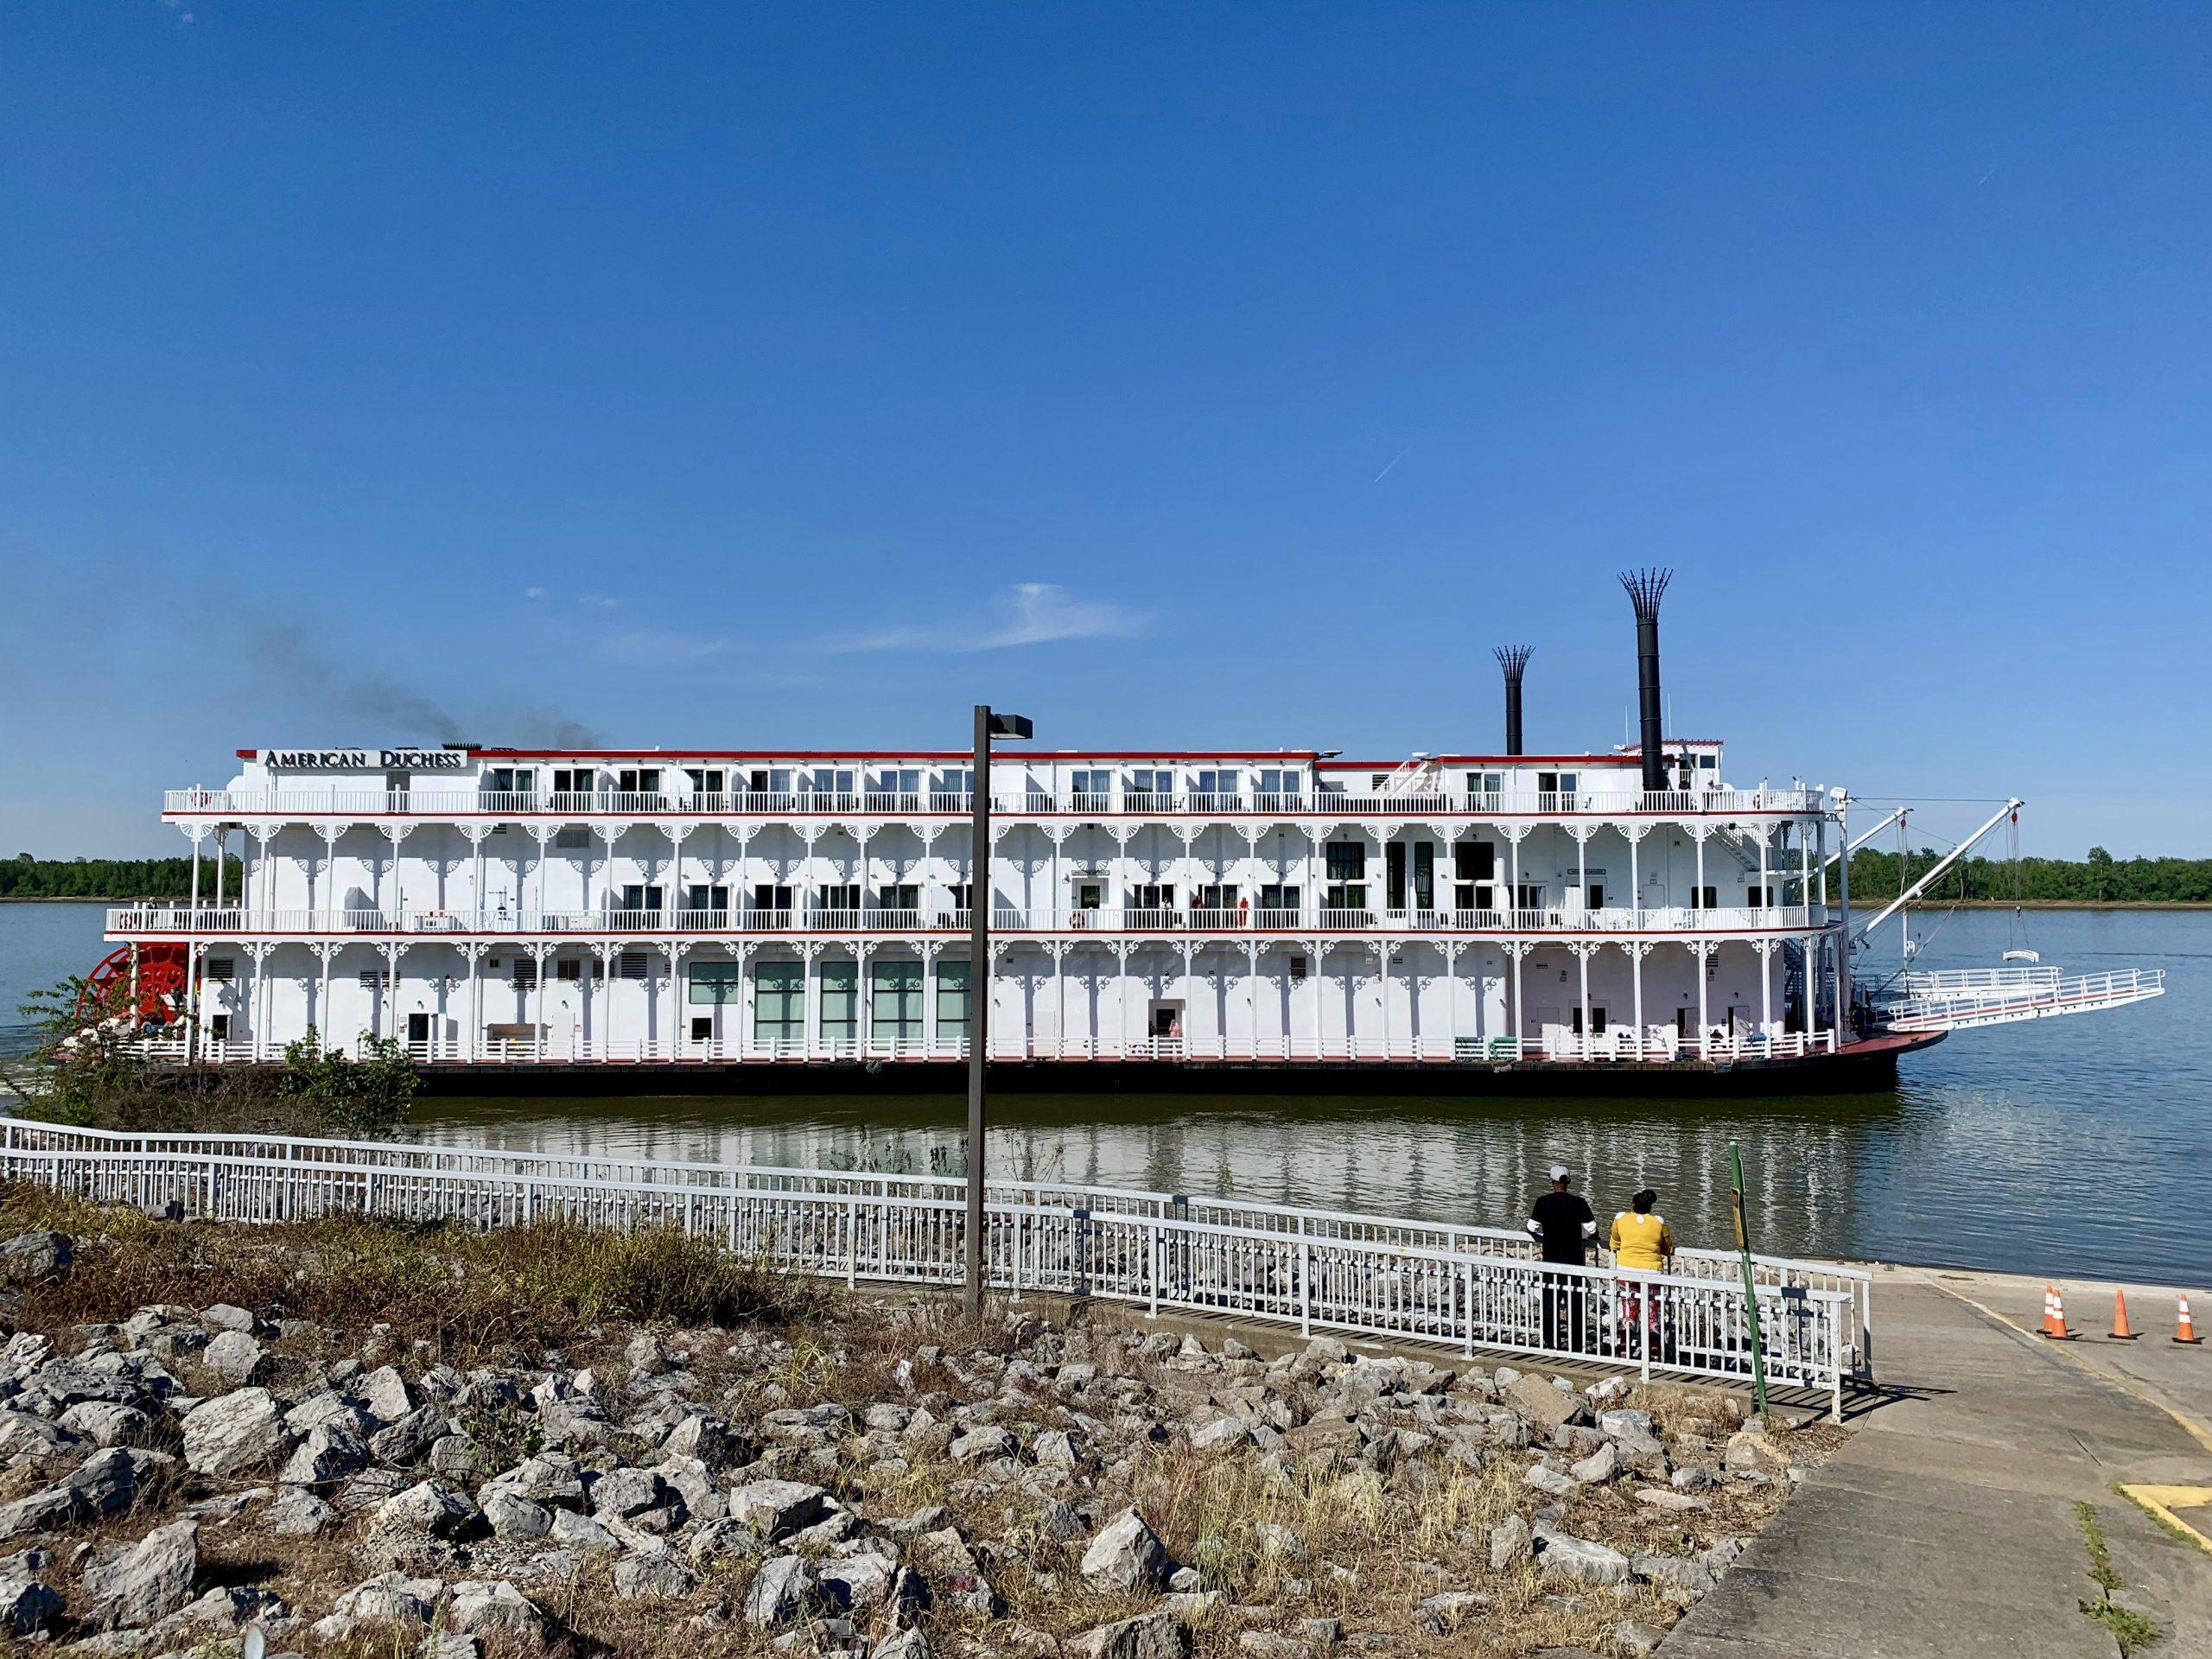 American Duchess riverboat at the Port of Paducah in Paducah, KY